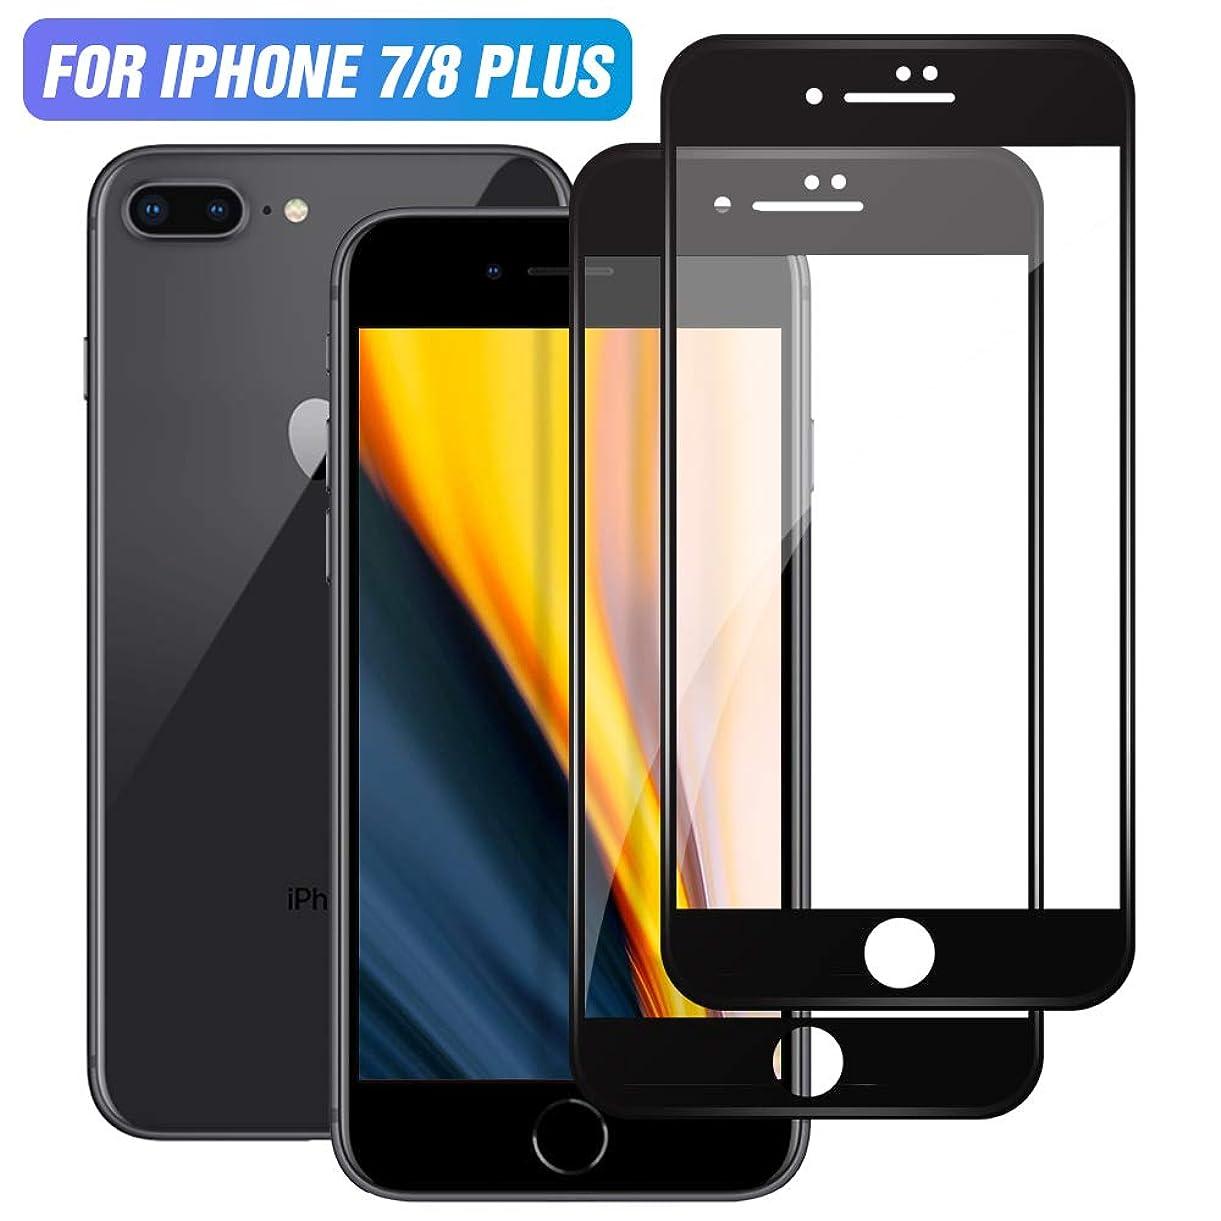 繁殖夢元気iPhone8 plus ガラスフィルム iphone7plus 液晶保護フィルム 全面保護 Dodofine【2枚セット】強化フィルム 炭素繊維 2.5Dラウンドエッジ加工 飛散防止 硬度9H 指紋防止 簡単貼り付け 自己吸着 撥油性 5.5インチ ブラック